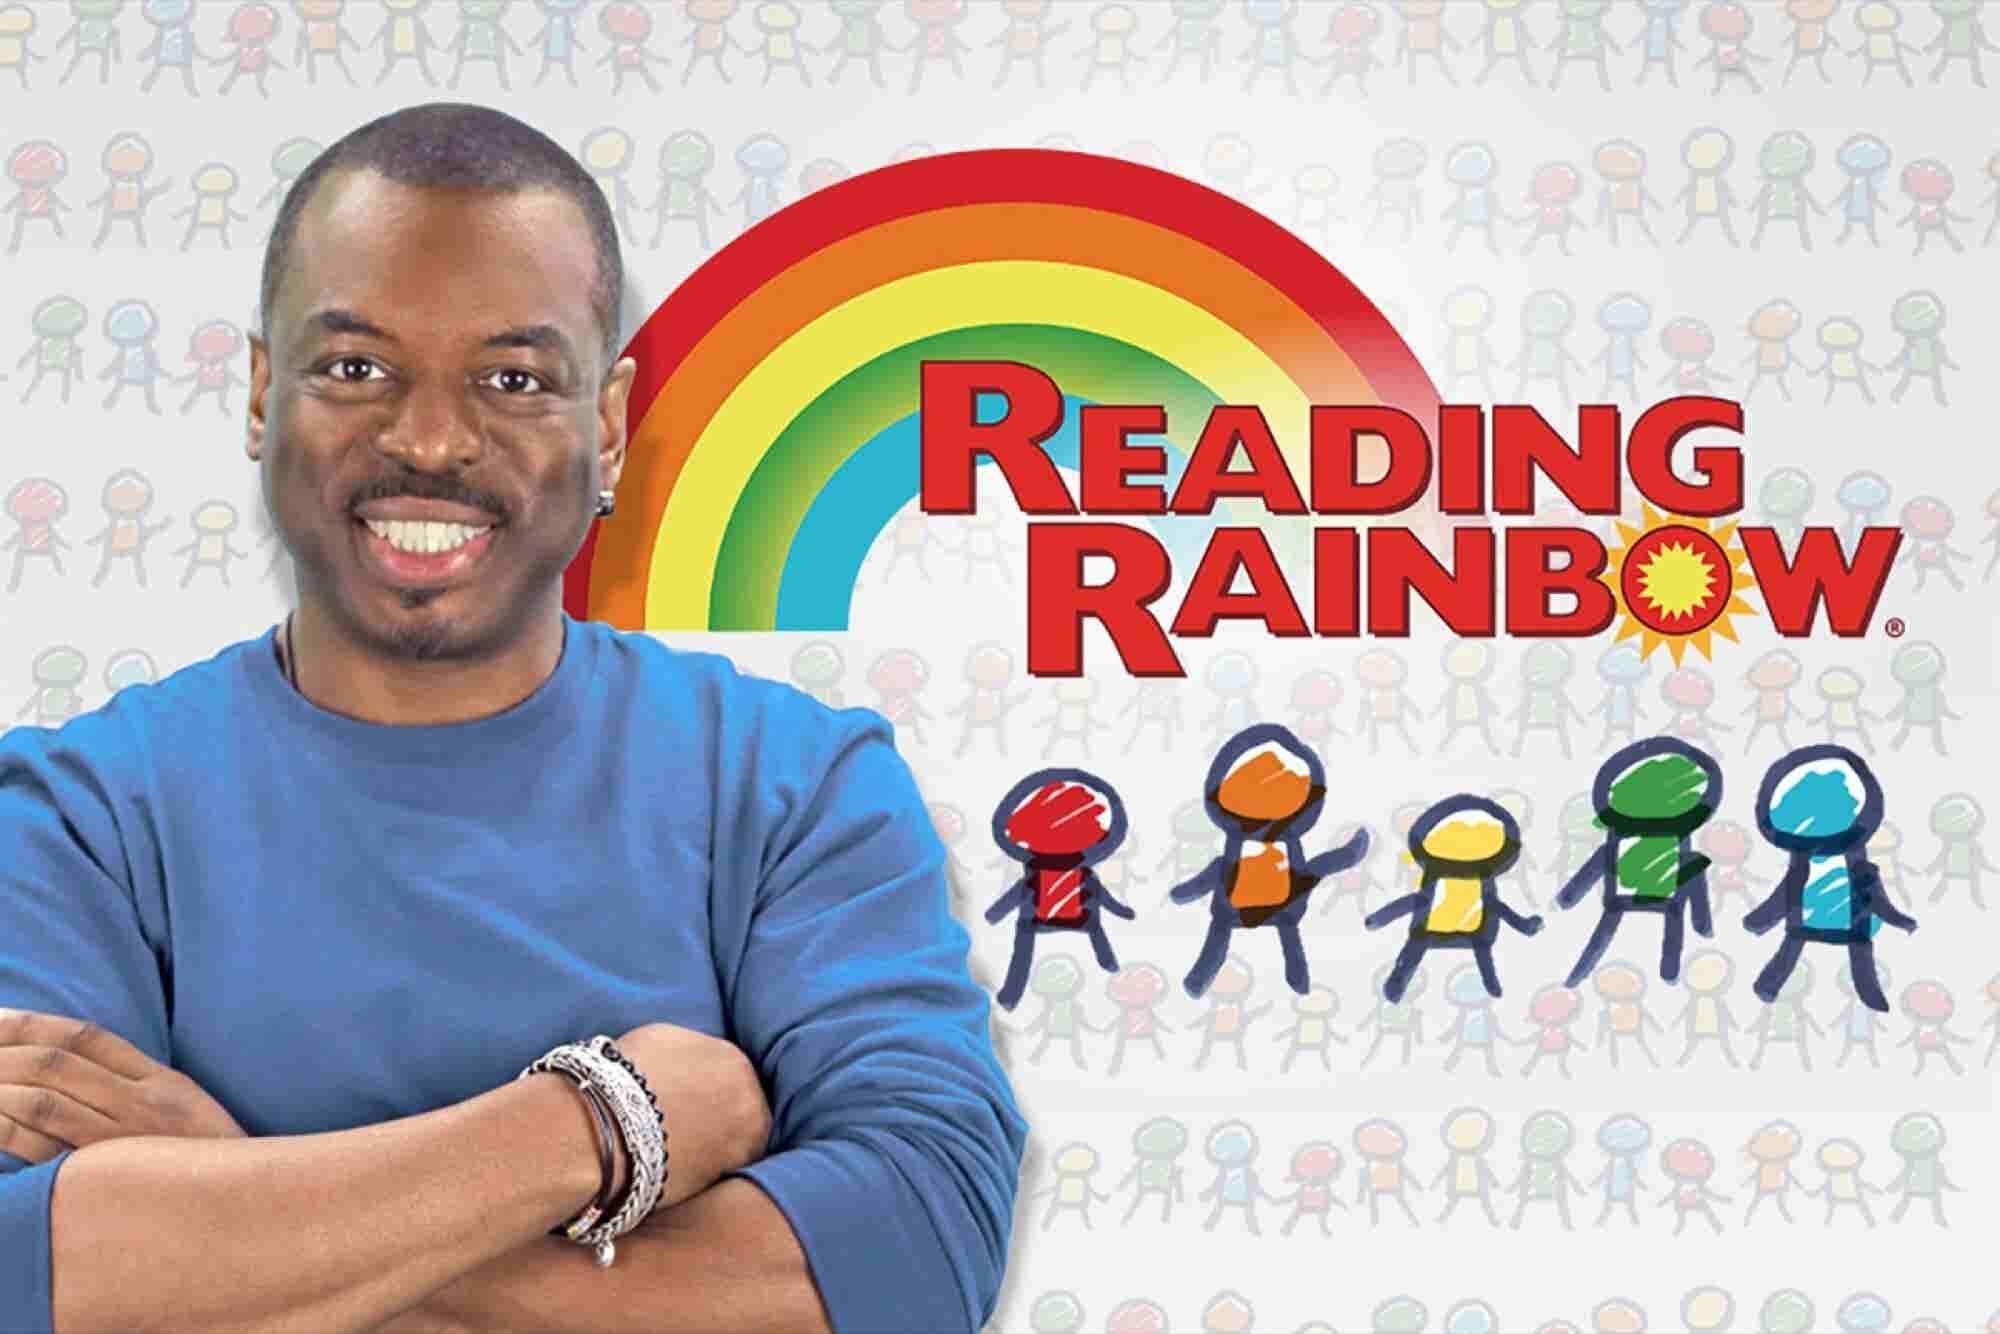 Last Year, Reading Rainbow Raised $5.4 Million on Kickstarter. Then, the Real Work Began.